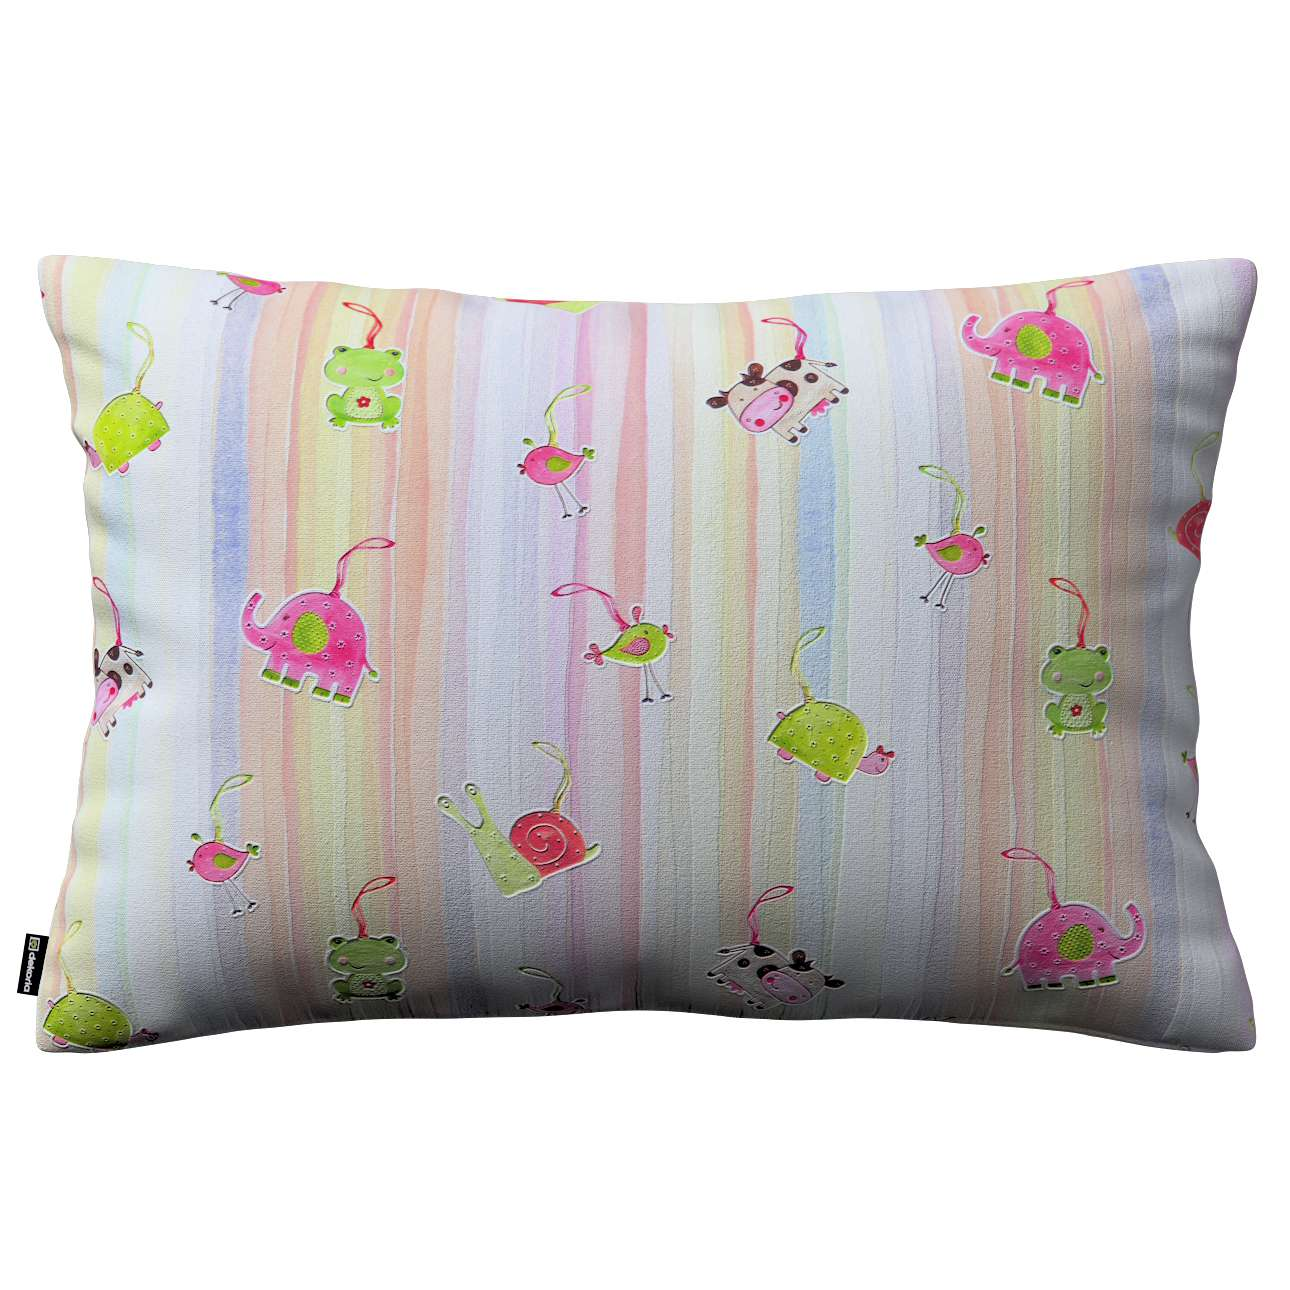 Poszewka Kinga na poduszkę prostokątną w kolekcji Apanona do -30%, tkanina: 151-05